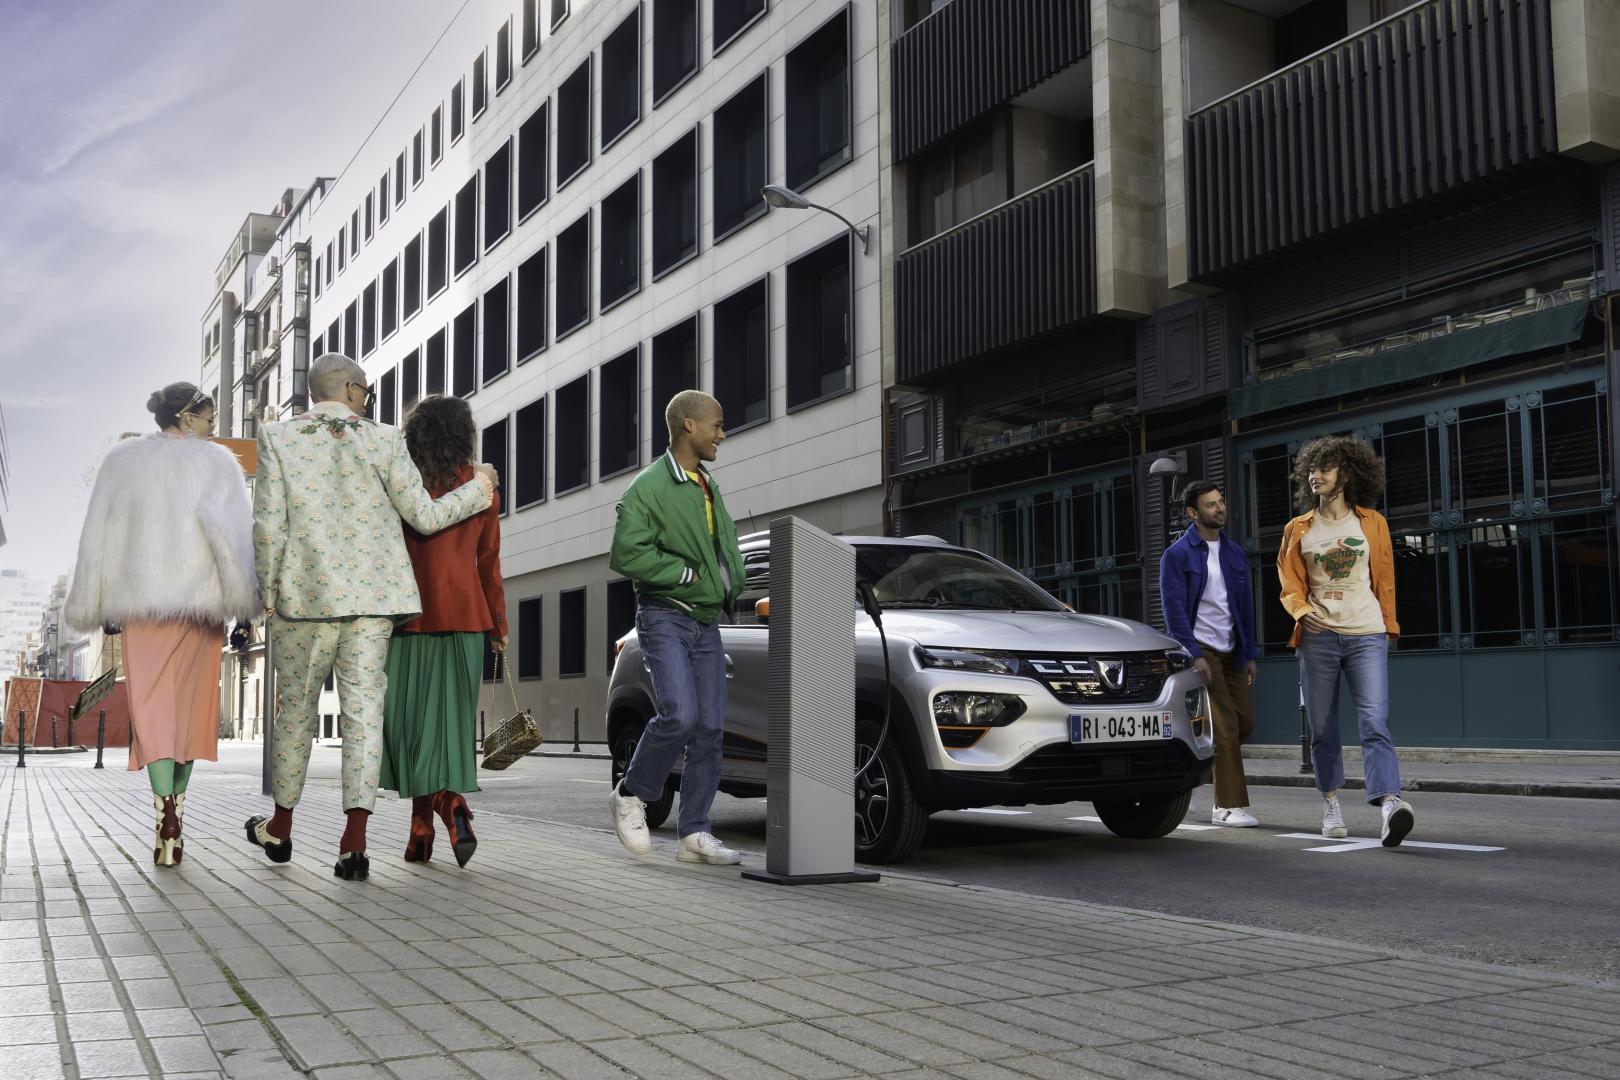 Огромно изненадување: Dacia Spring е најпродаваниот електричен автомобил во Италија!